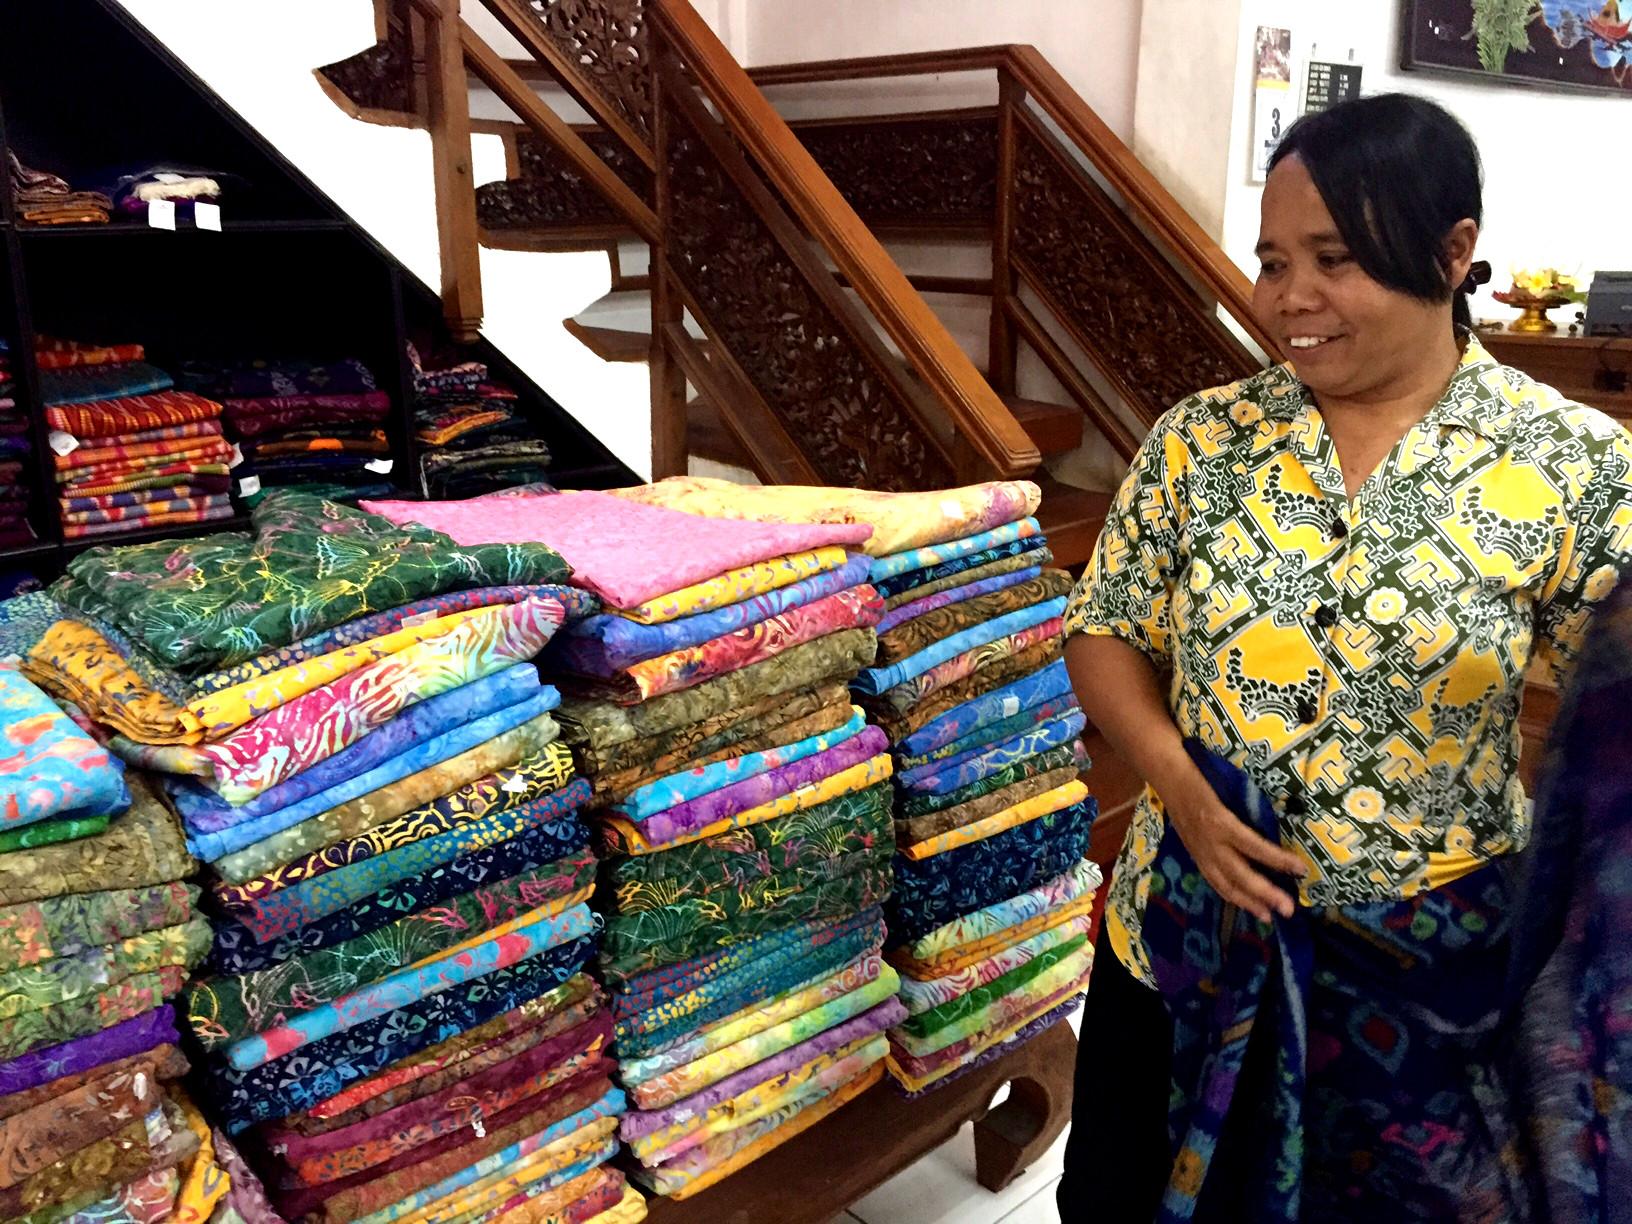 Batikk finnes i flere kvaliteter, og det er ikke lett å se forskjellen med det blotte øyet.